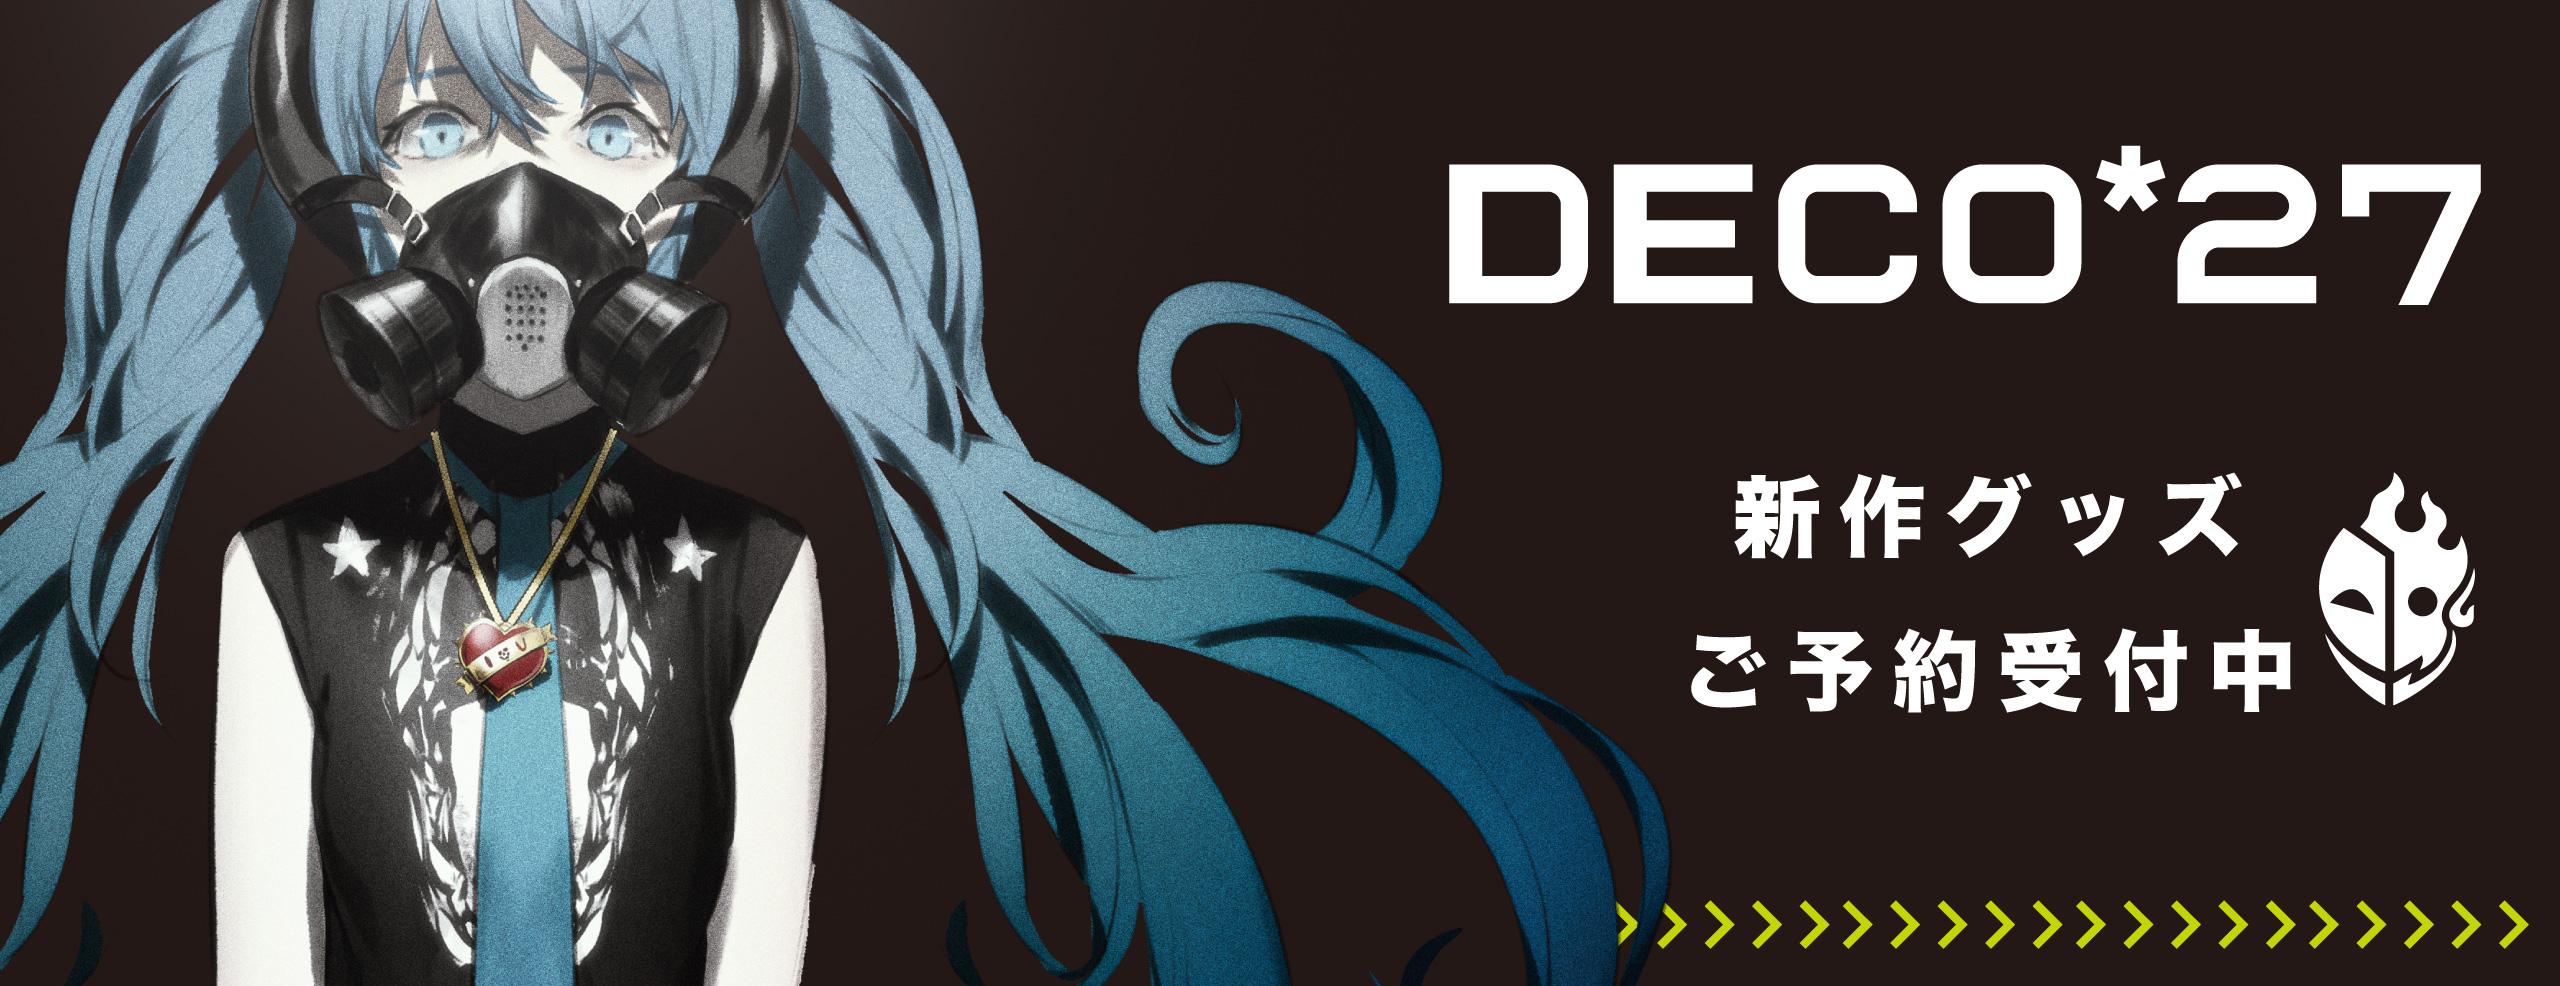 【お知らせ】DECO*27新作グッズ ご予約受付中!